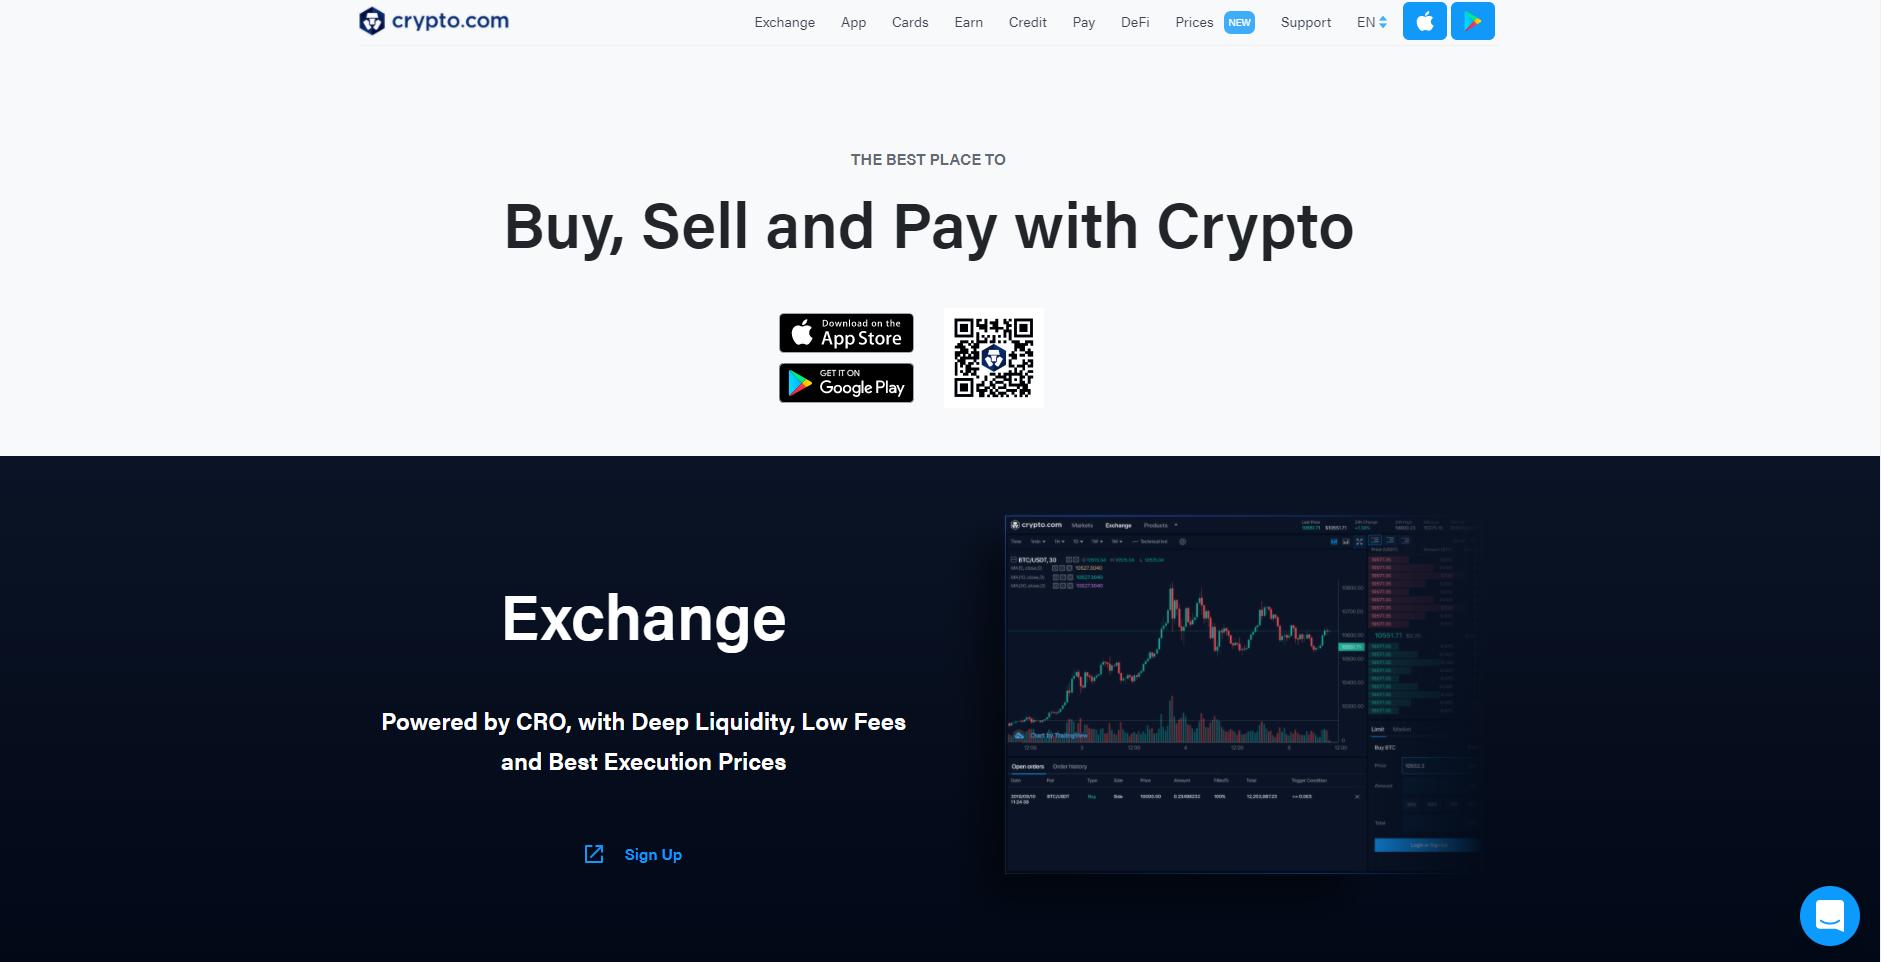 Crypto.com cryptocurrency exchange